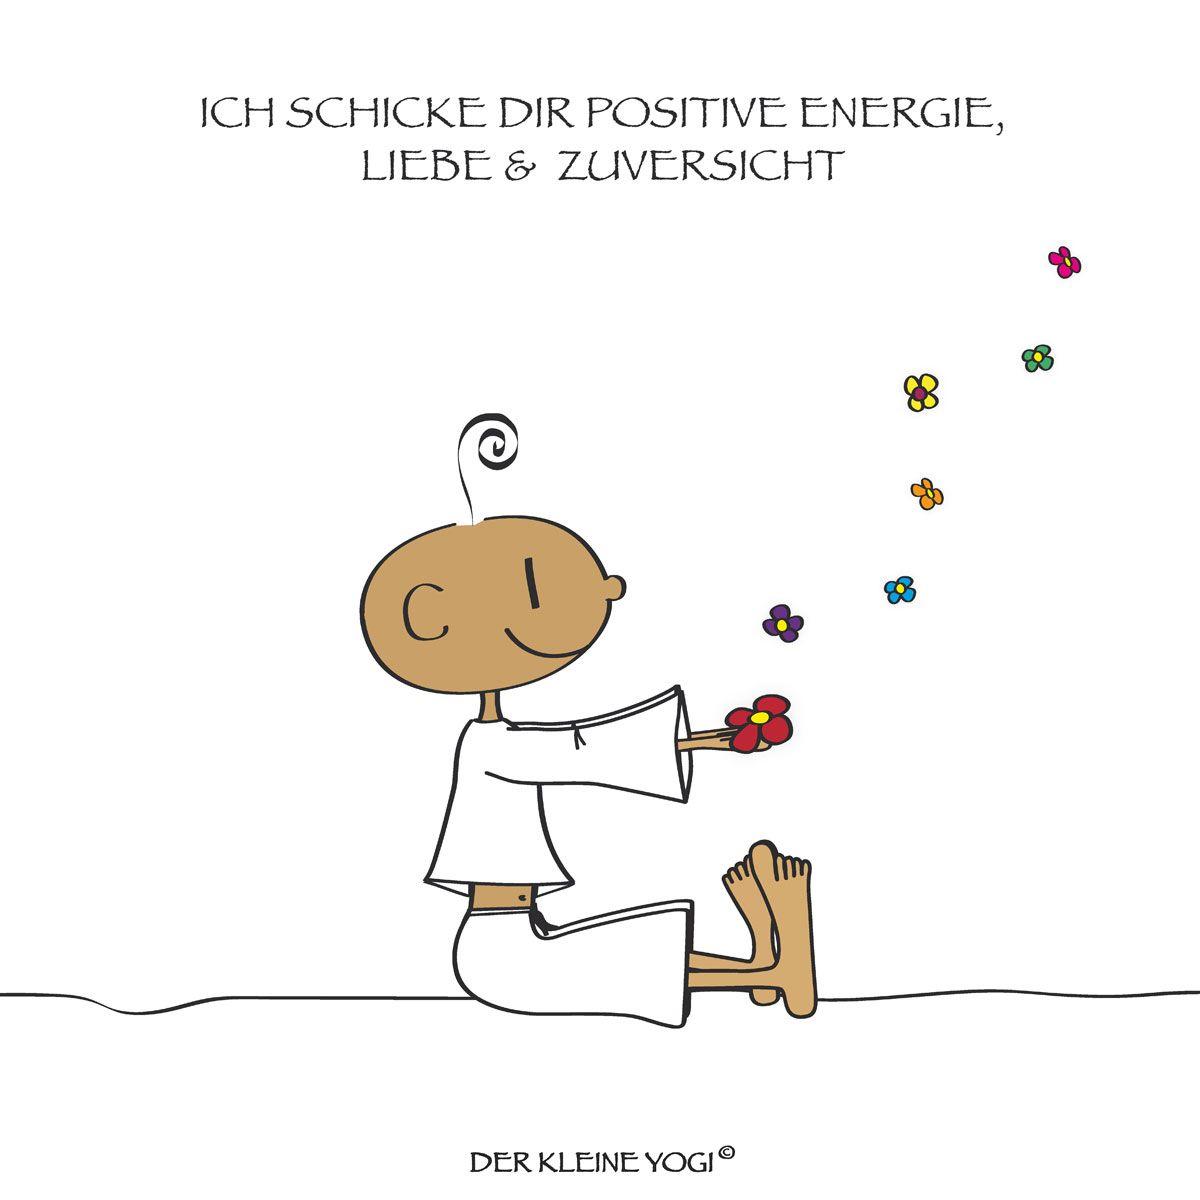 Positive Energie, Liebe Und Zuversicht